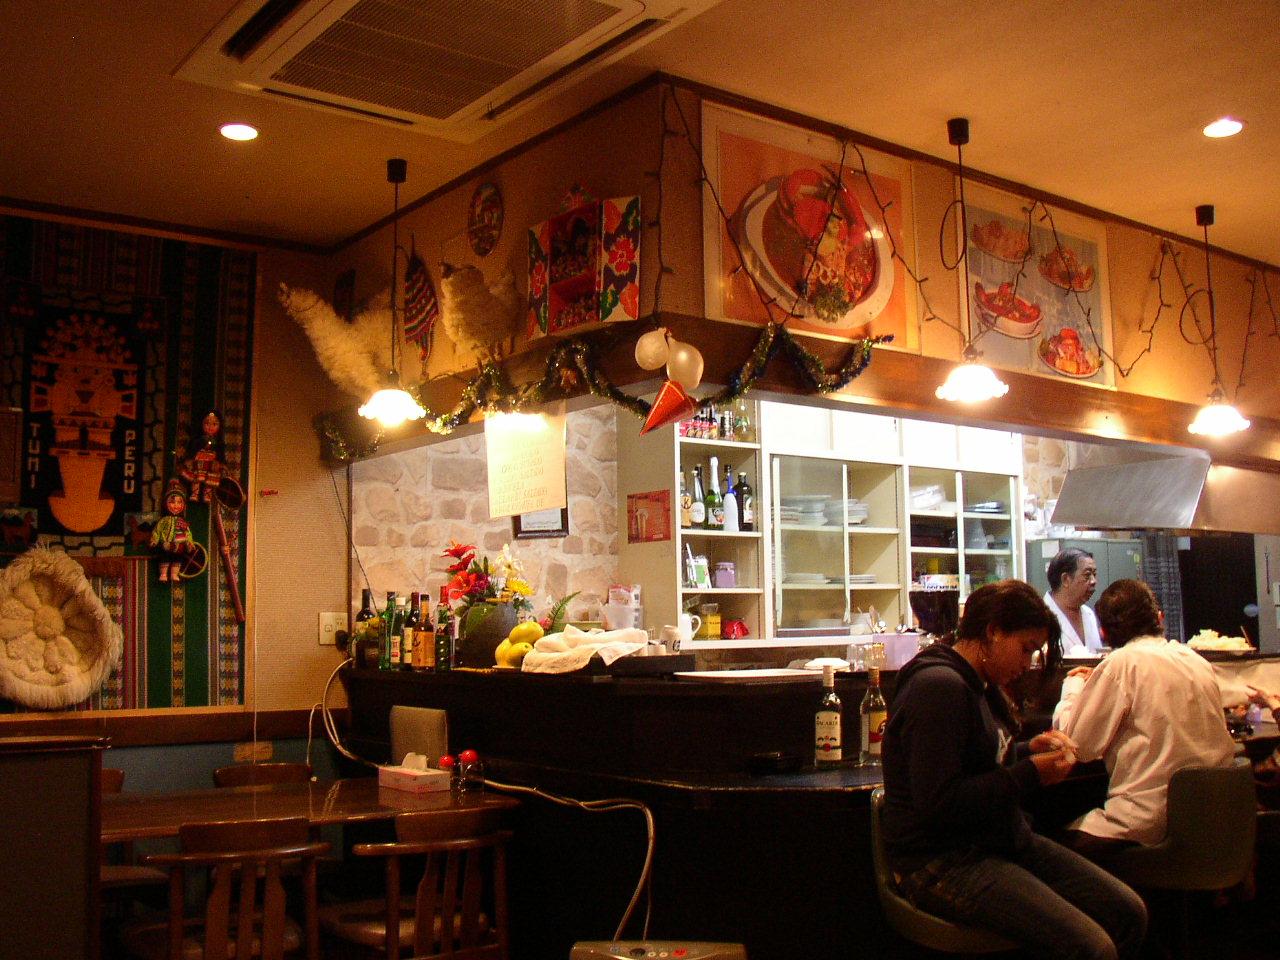 ペルー料理 京都のグルメ・レストラン検索結果一 …